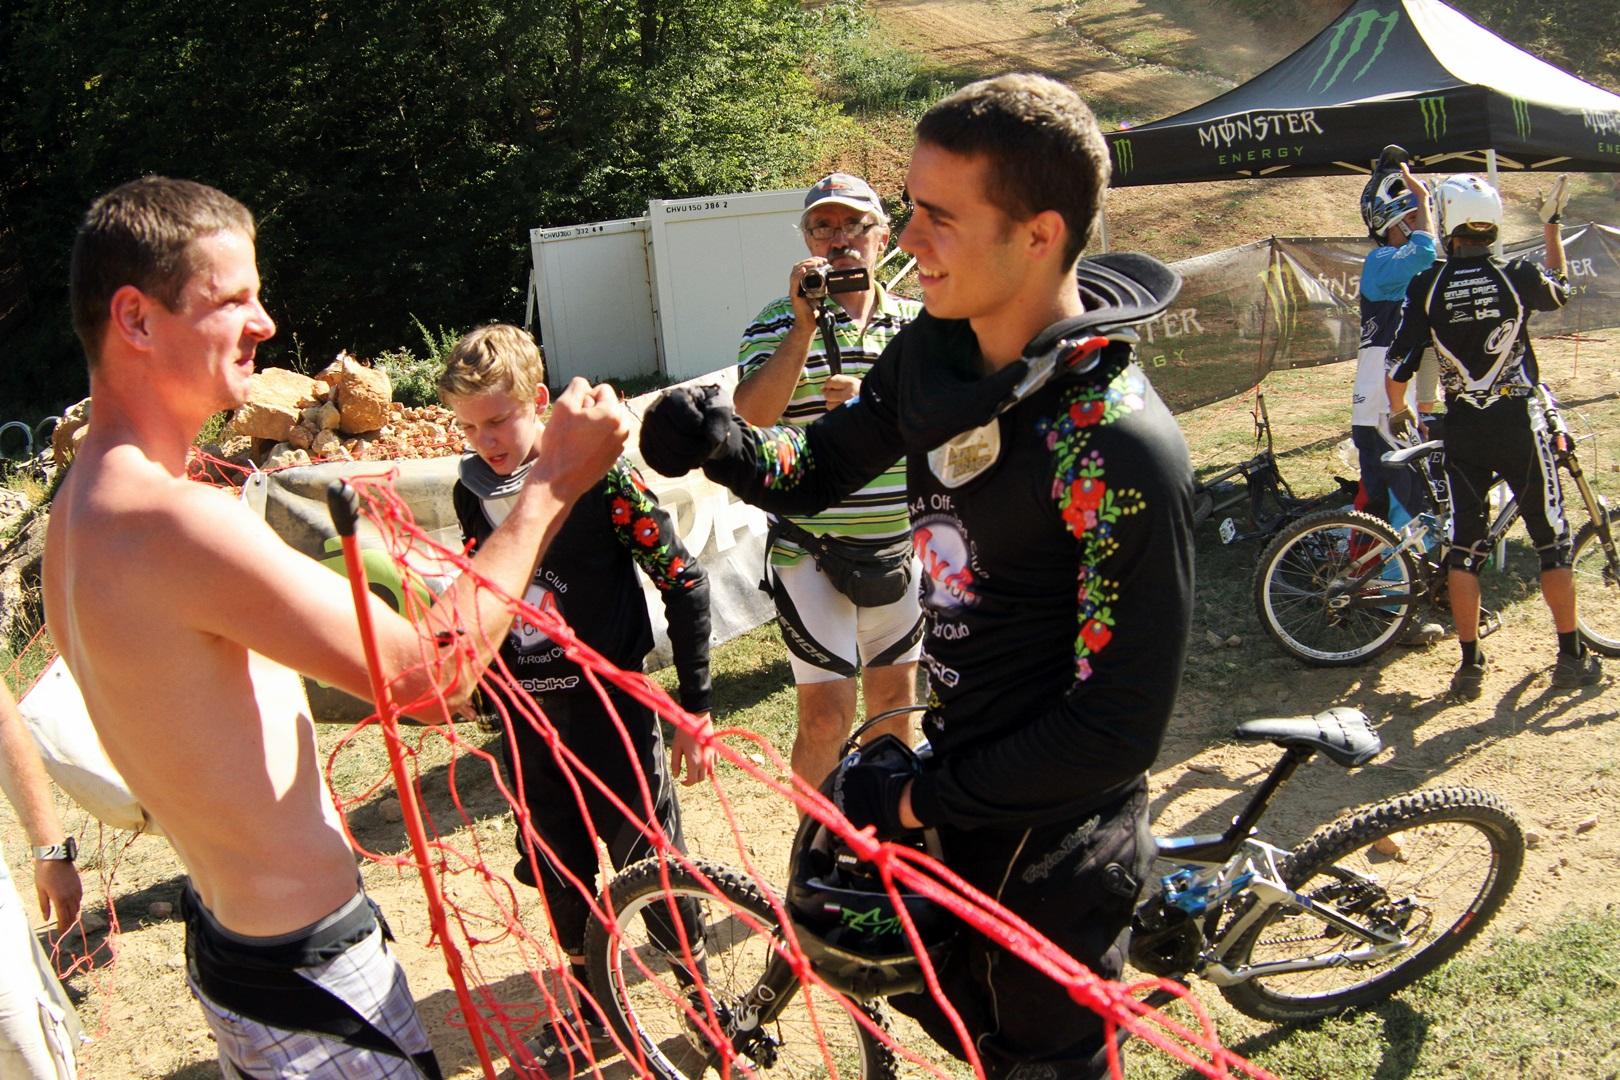 Gratulációk tömkelege: Szecskay András (Open 1. hely) és Liszi Attila (Elite Férfi 1. hely) (közöttük Soronics Olivér legjobb U15-ös), valamint jobbra Keresztes Péter (Elite Férfi 3. hely) és Kántor Miklós (Elite Férfi 2. hely)